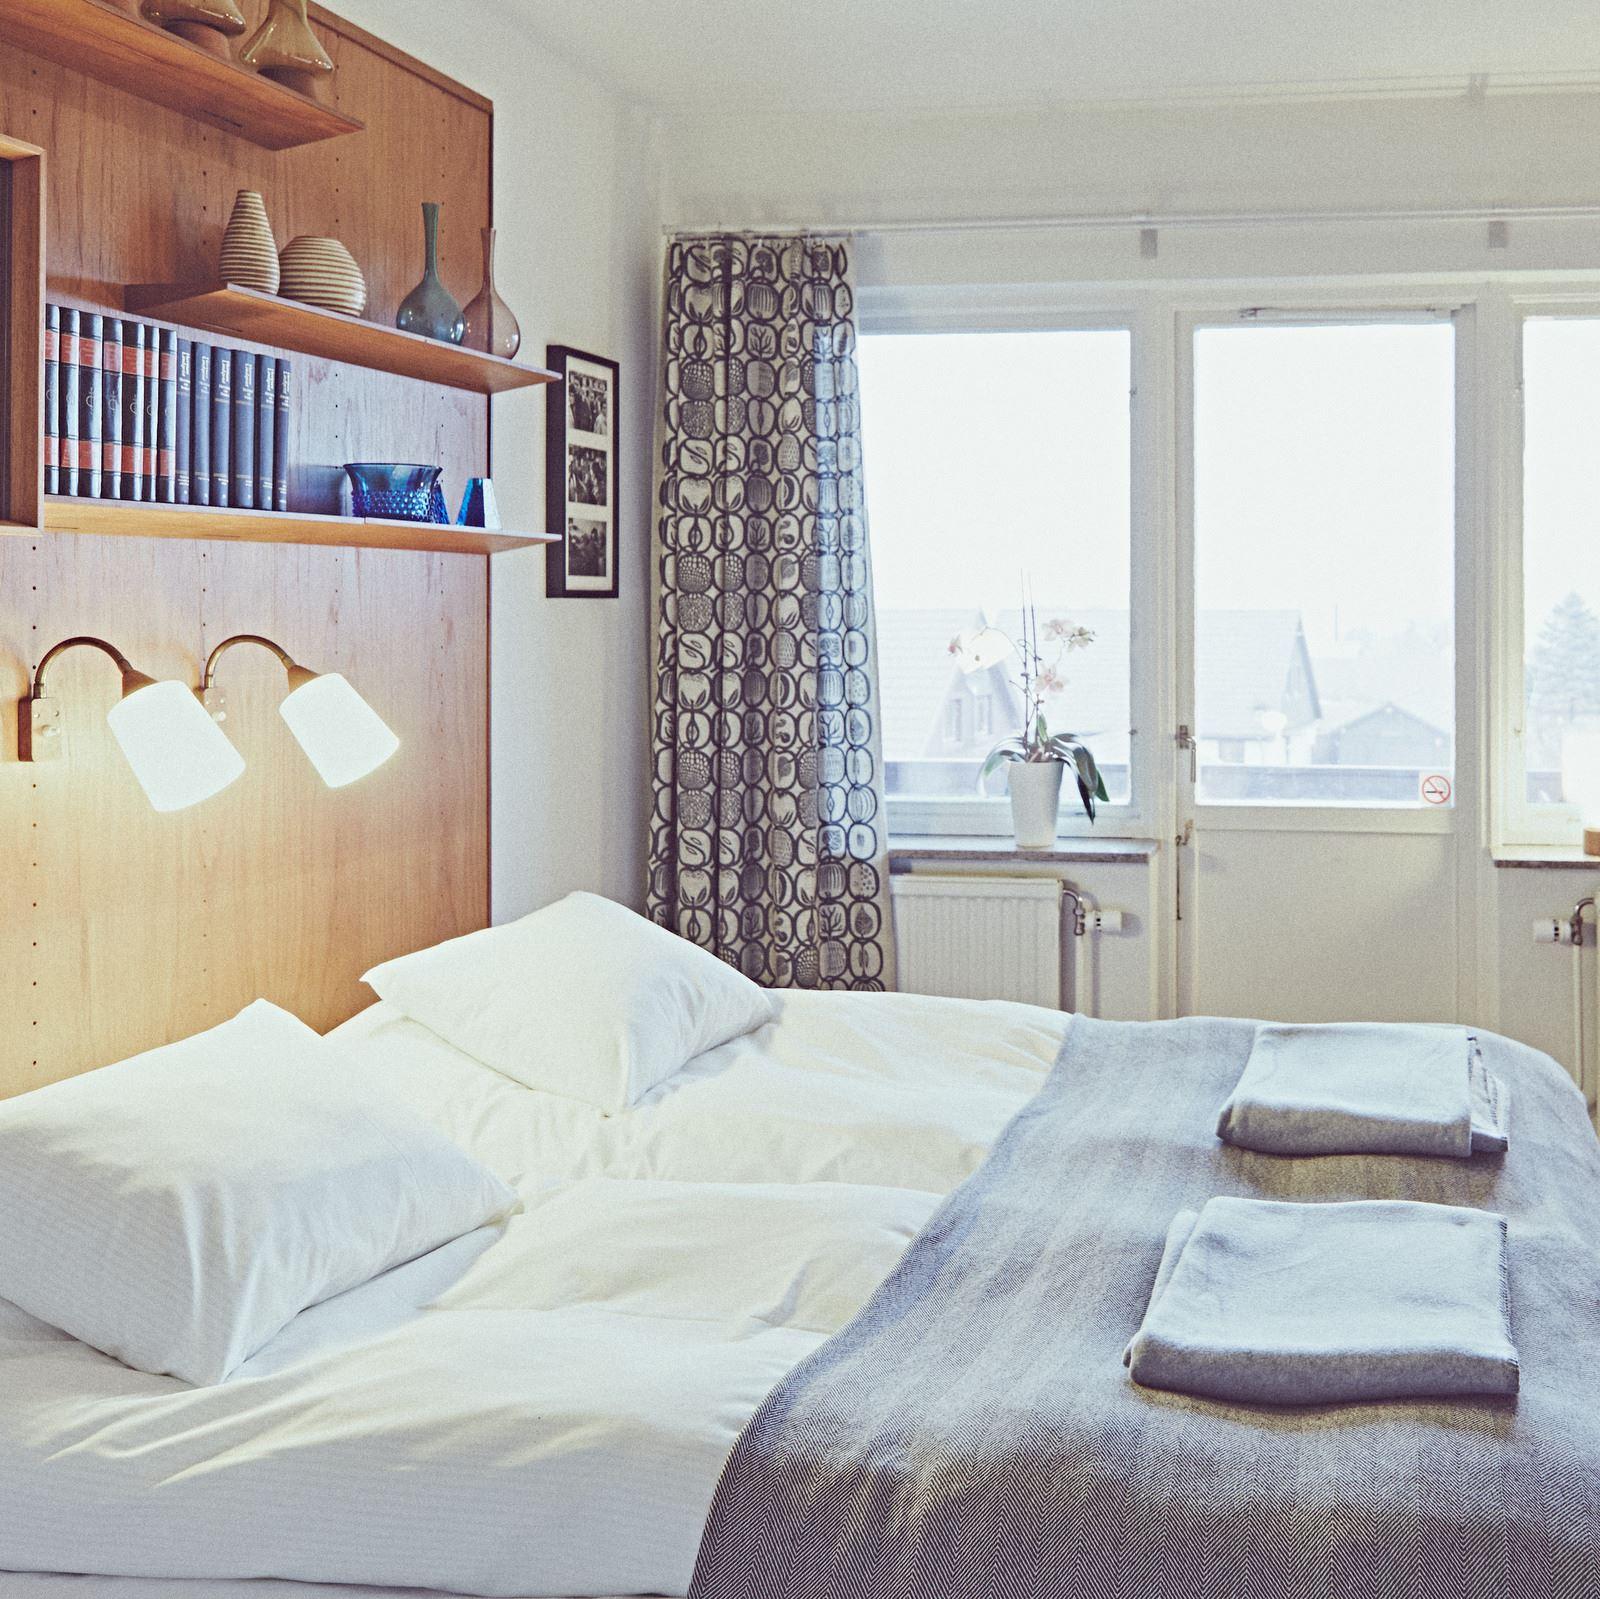 HOTELL HANÖBRIS PÅ KIVIK